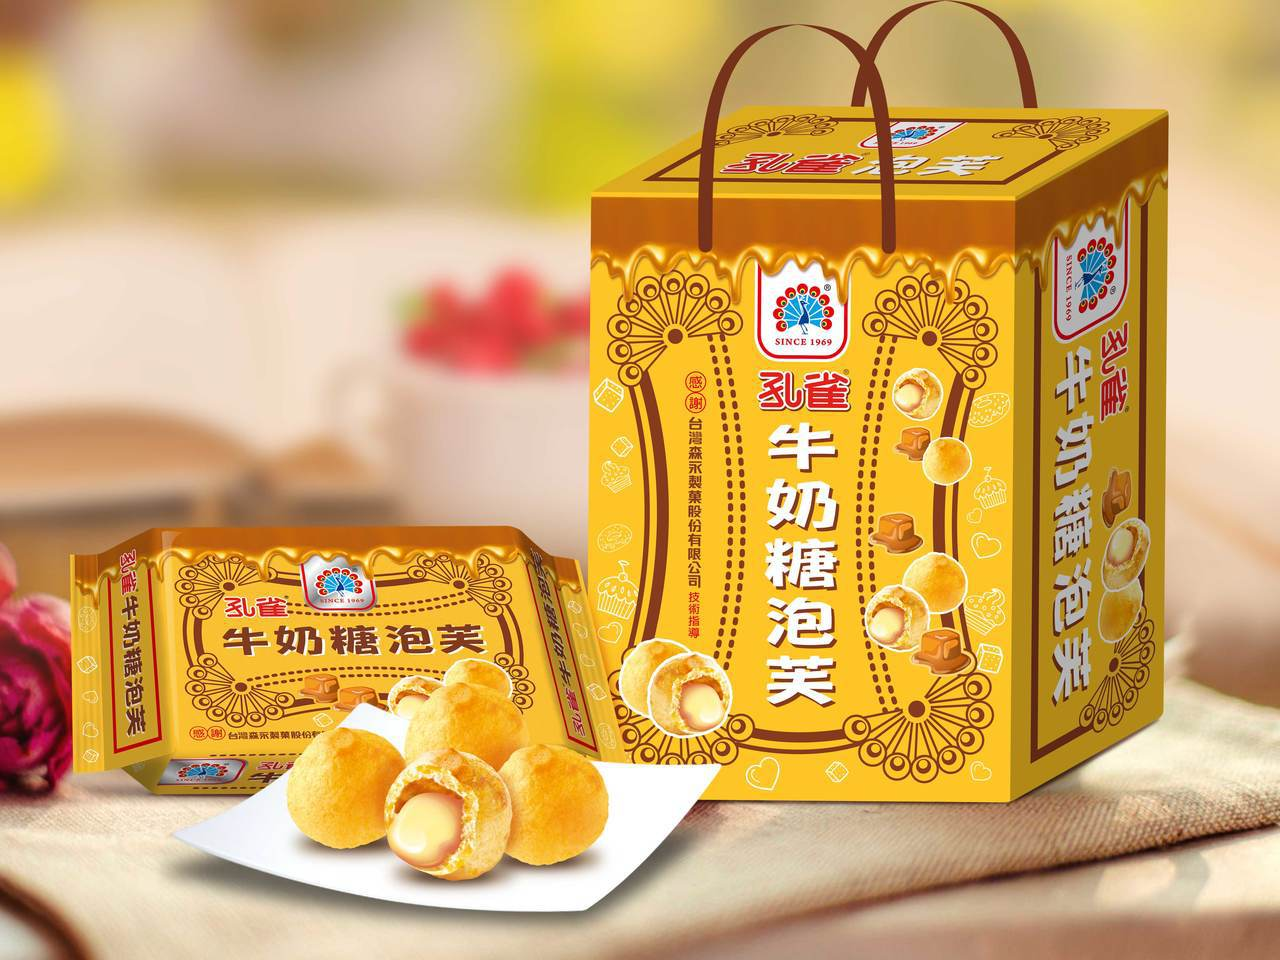 金孔雀泡芙禮盒牛奶糖口味,售價260元。圖/全家提供